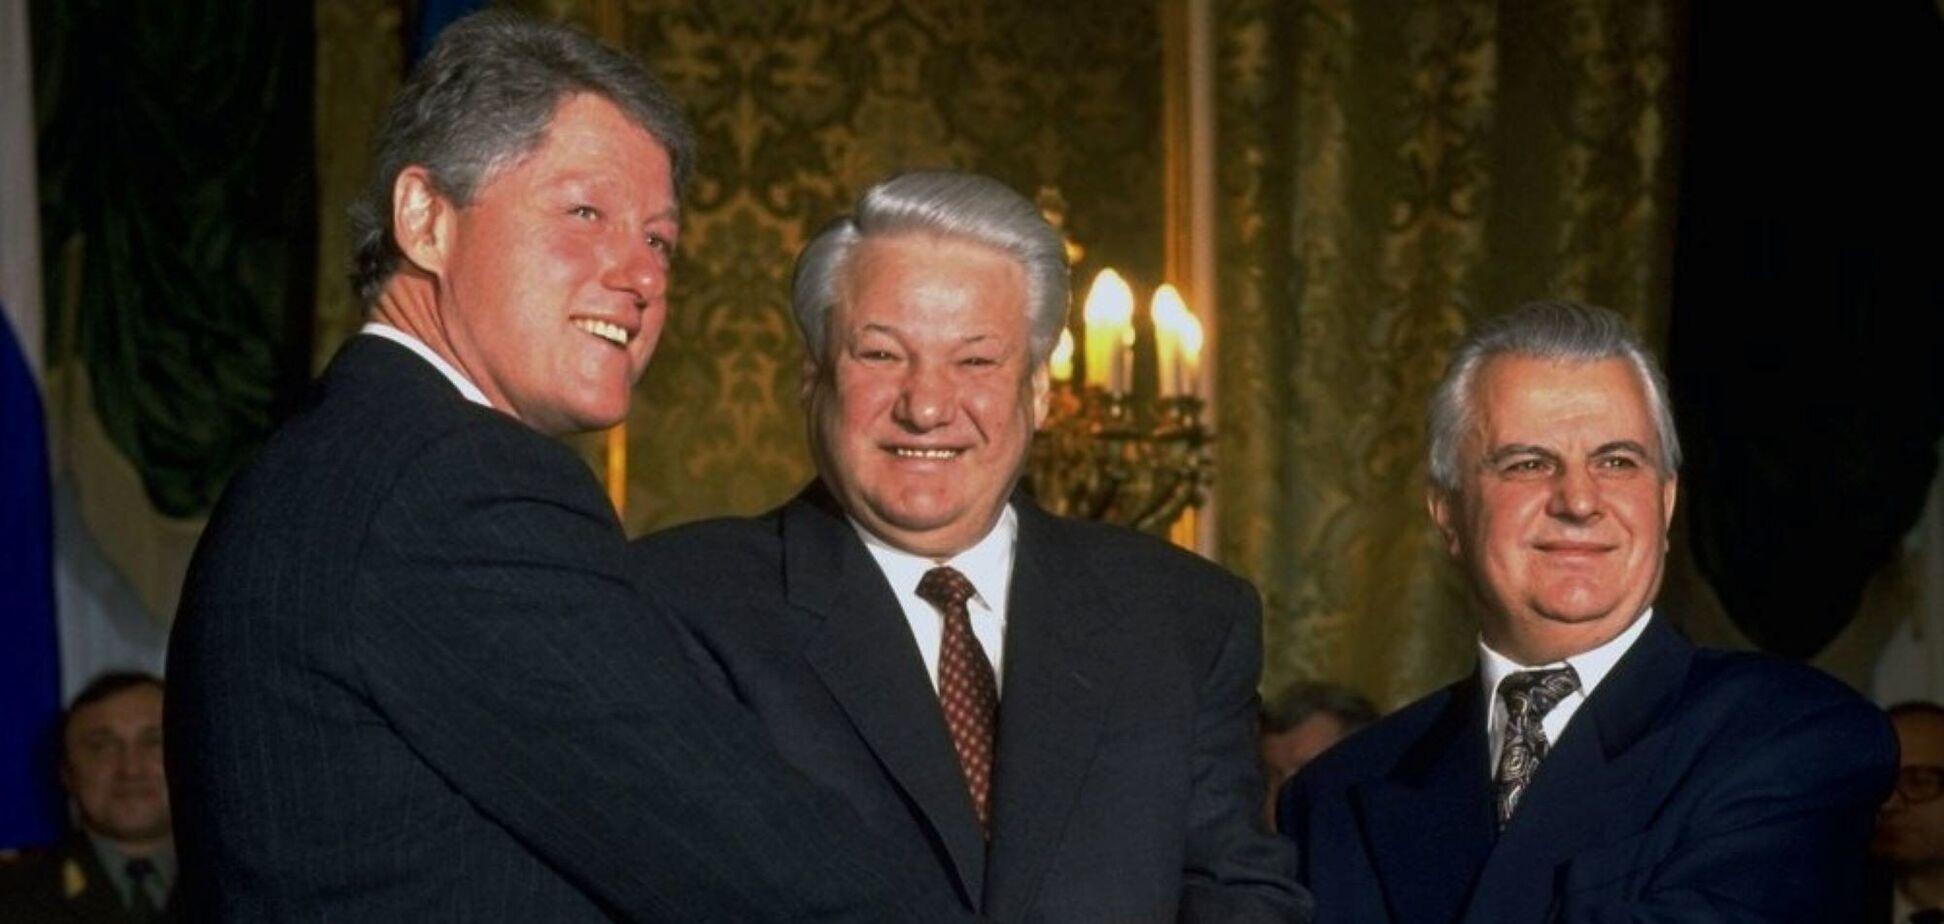 Після підписання Будапештського меморандуму Україна приєдналася до Договору про нерозповсюдження ядерної зброї. Зліва направо: Білл Клінтон, Борис Єльцин, Леонід Кравчук